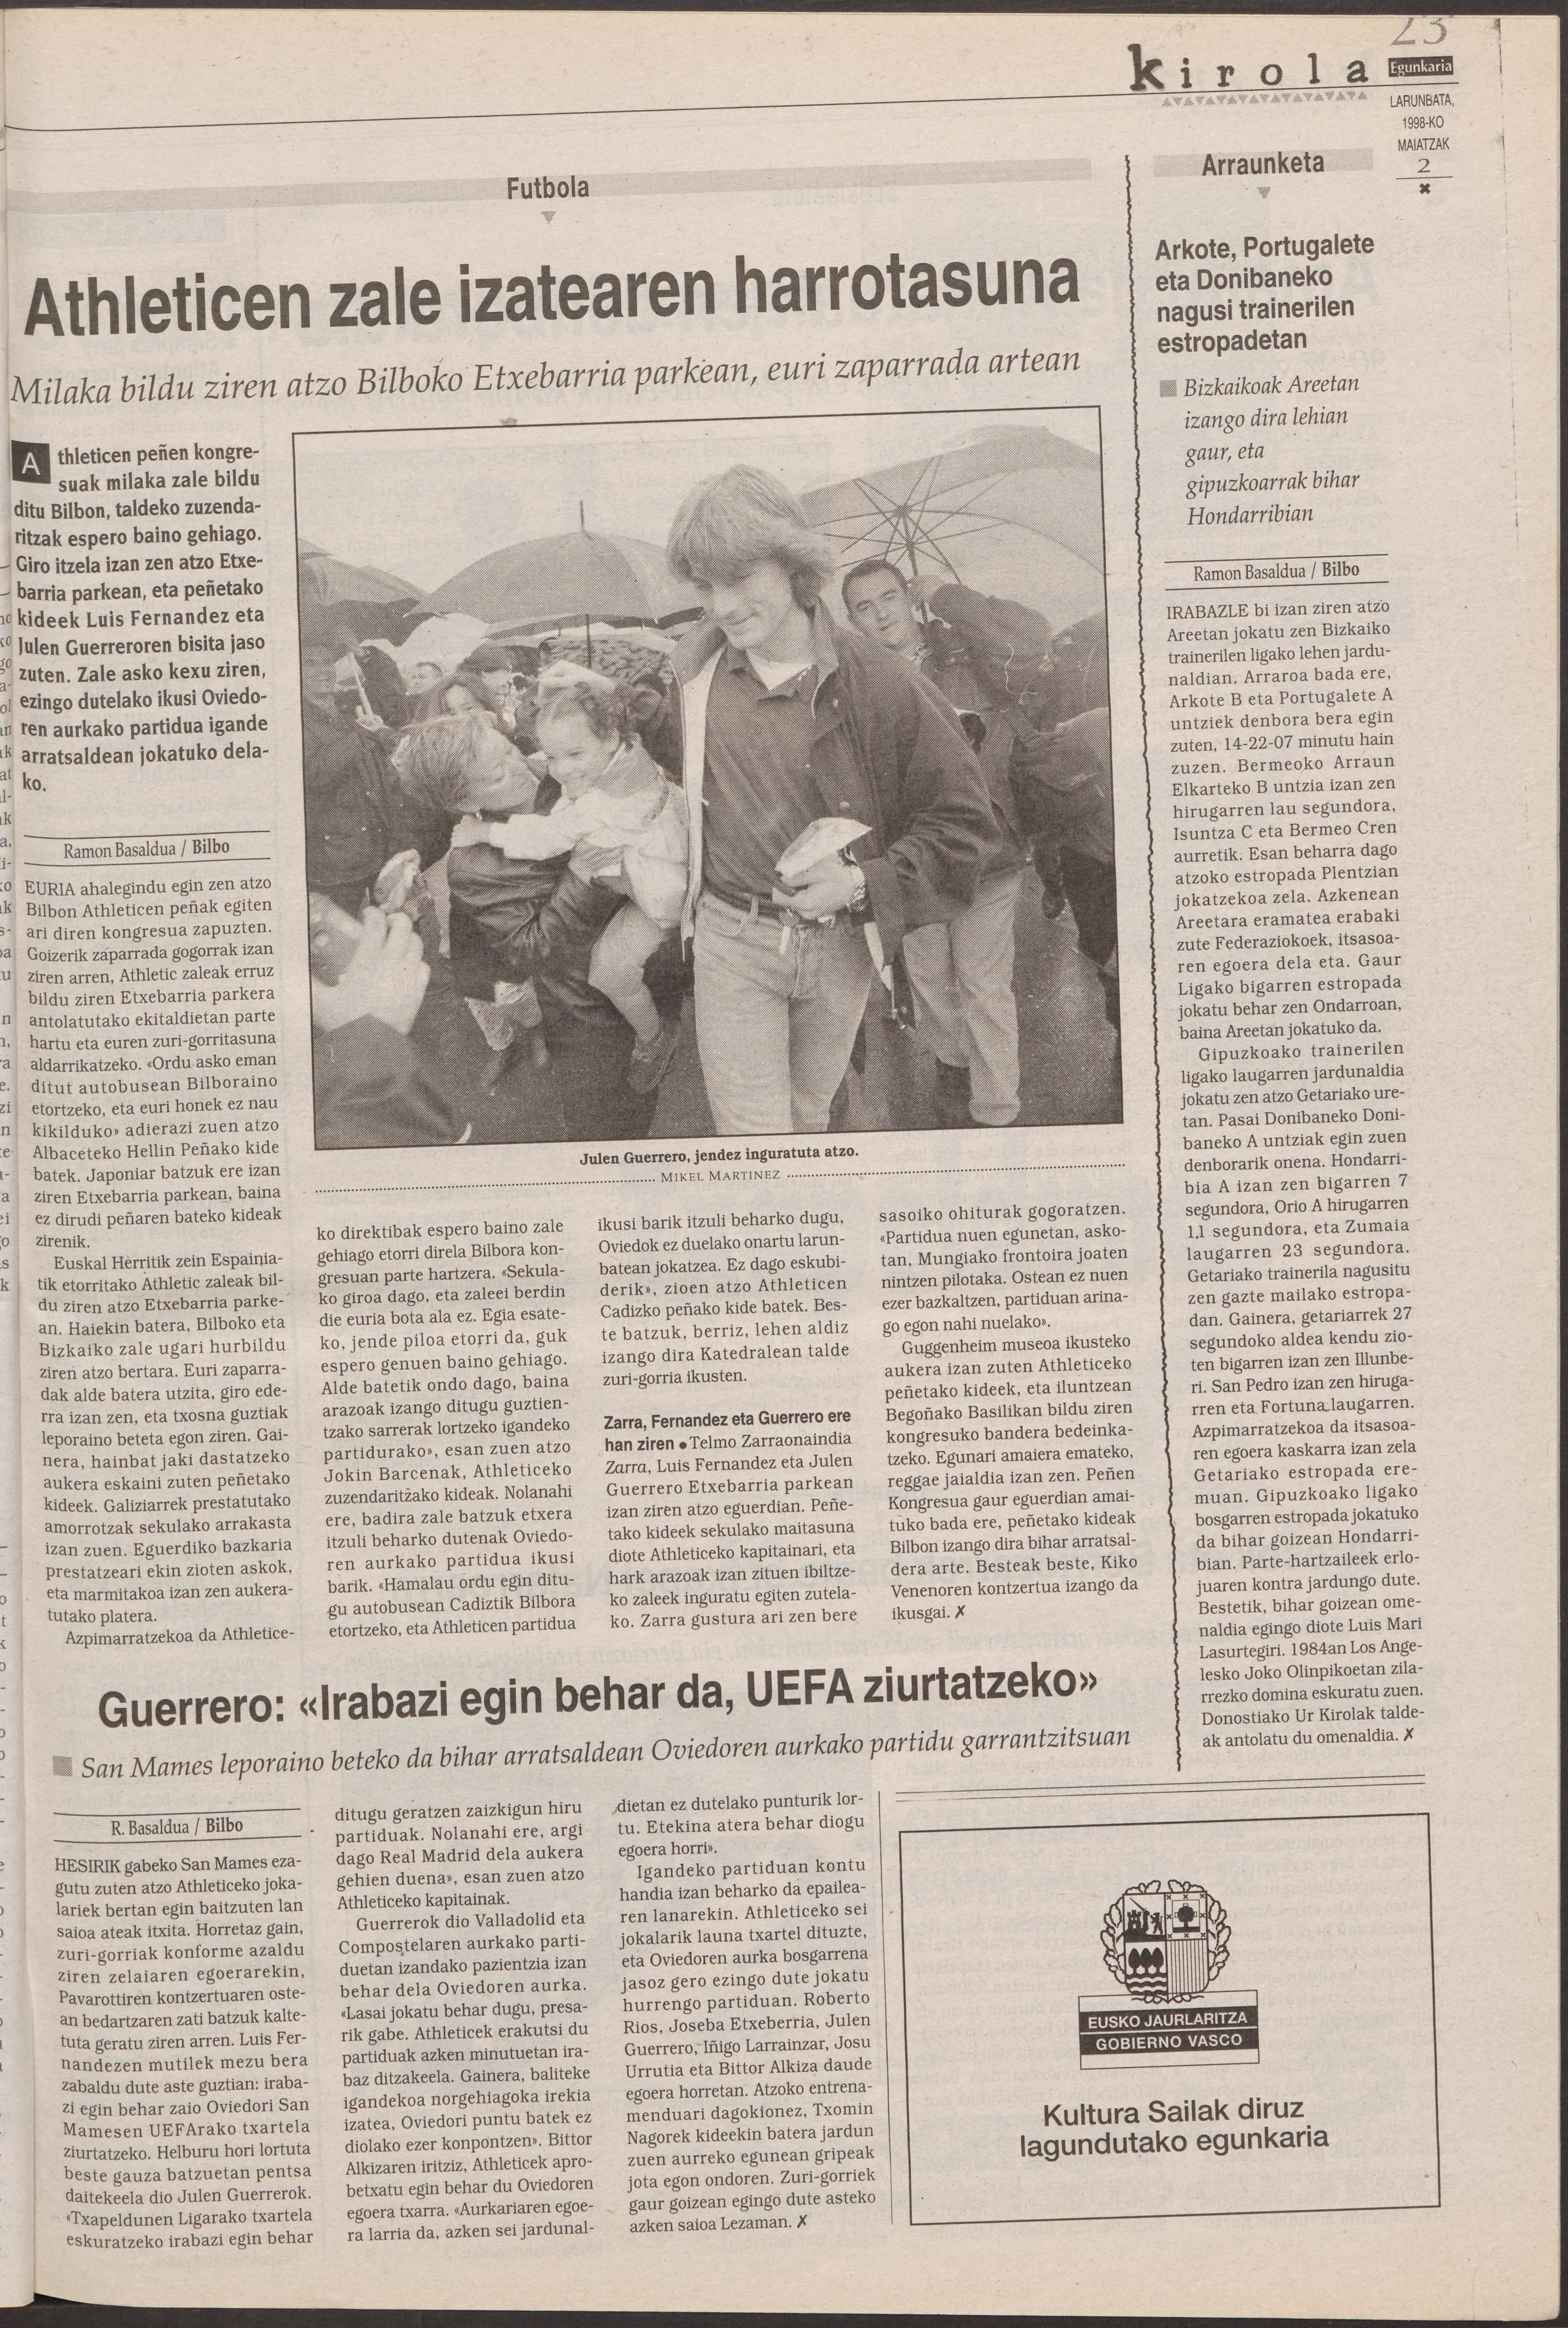 1998ko maiatzak 2, 23. orrialdea